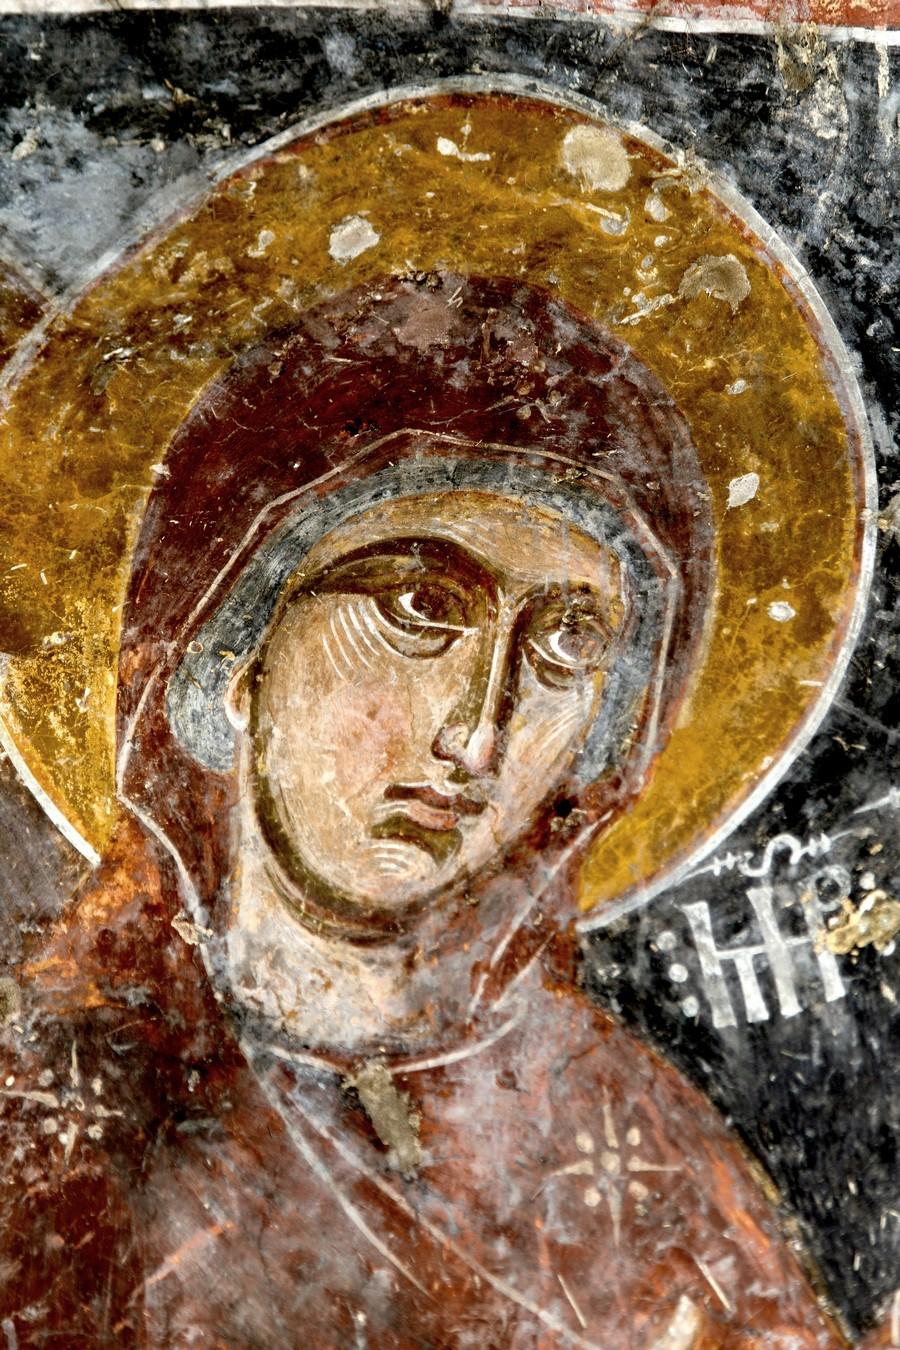 Пресвятая Богородица. ФрескаНузальской церкви (Северная Осетия). Конец XIII - начало XIV века.